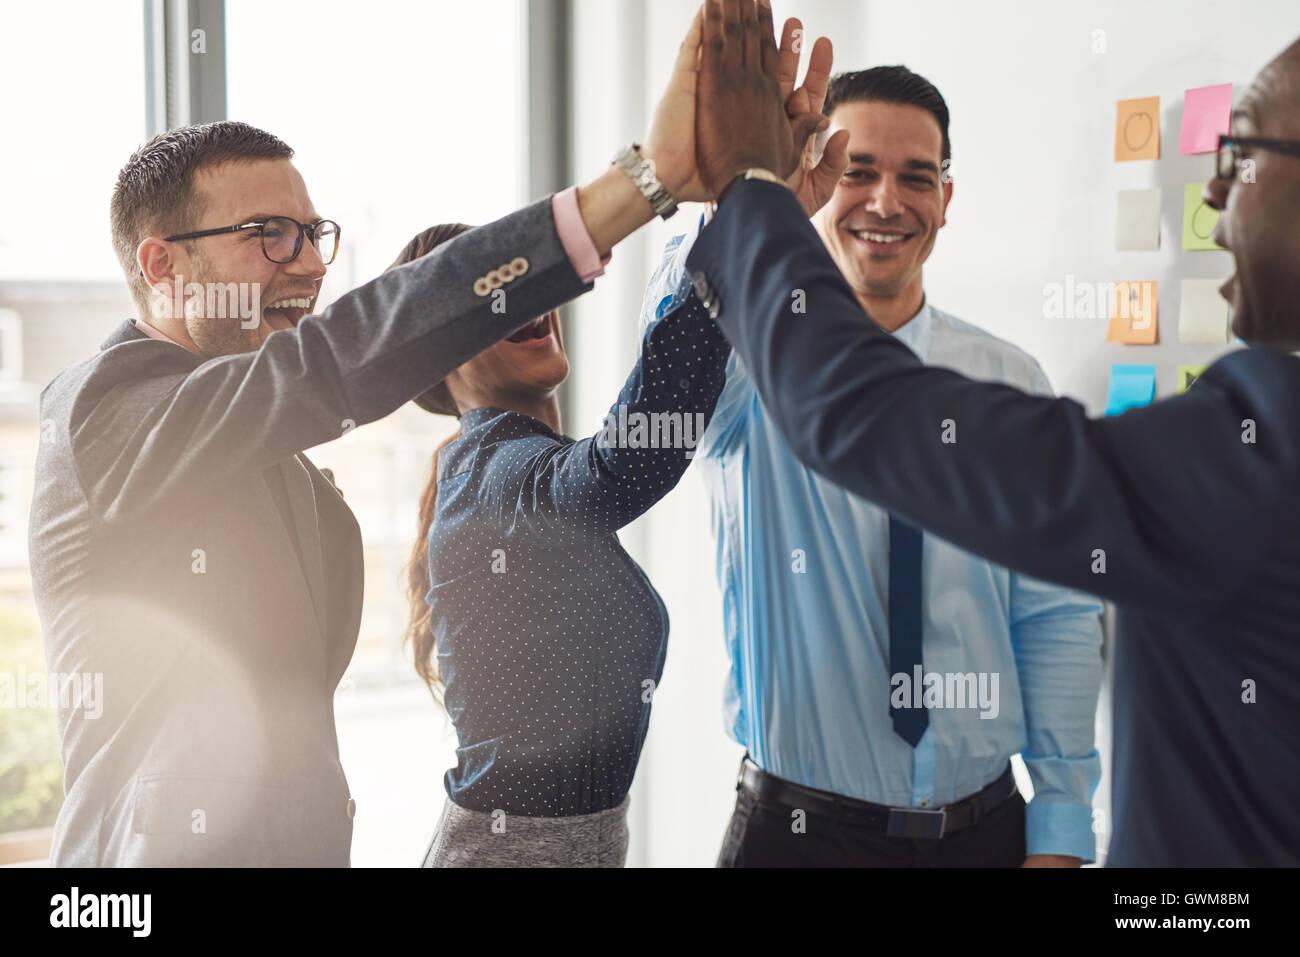 Felice successo multirazziale team aziendali fornendo un alto cinque gesto come ridono e allietare il loro successo Immagini Stock